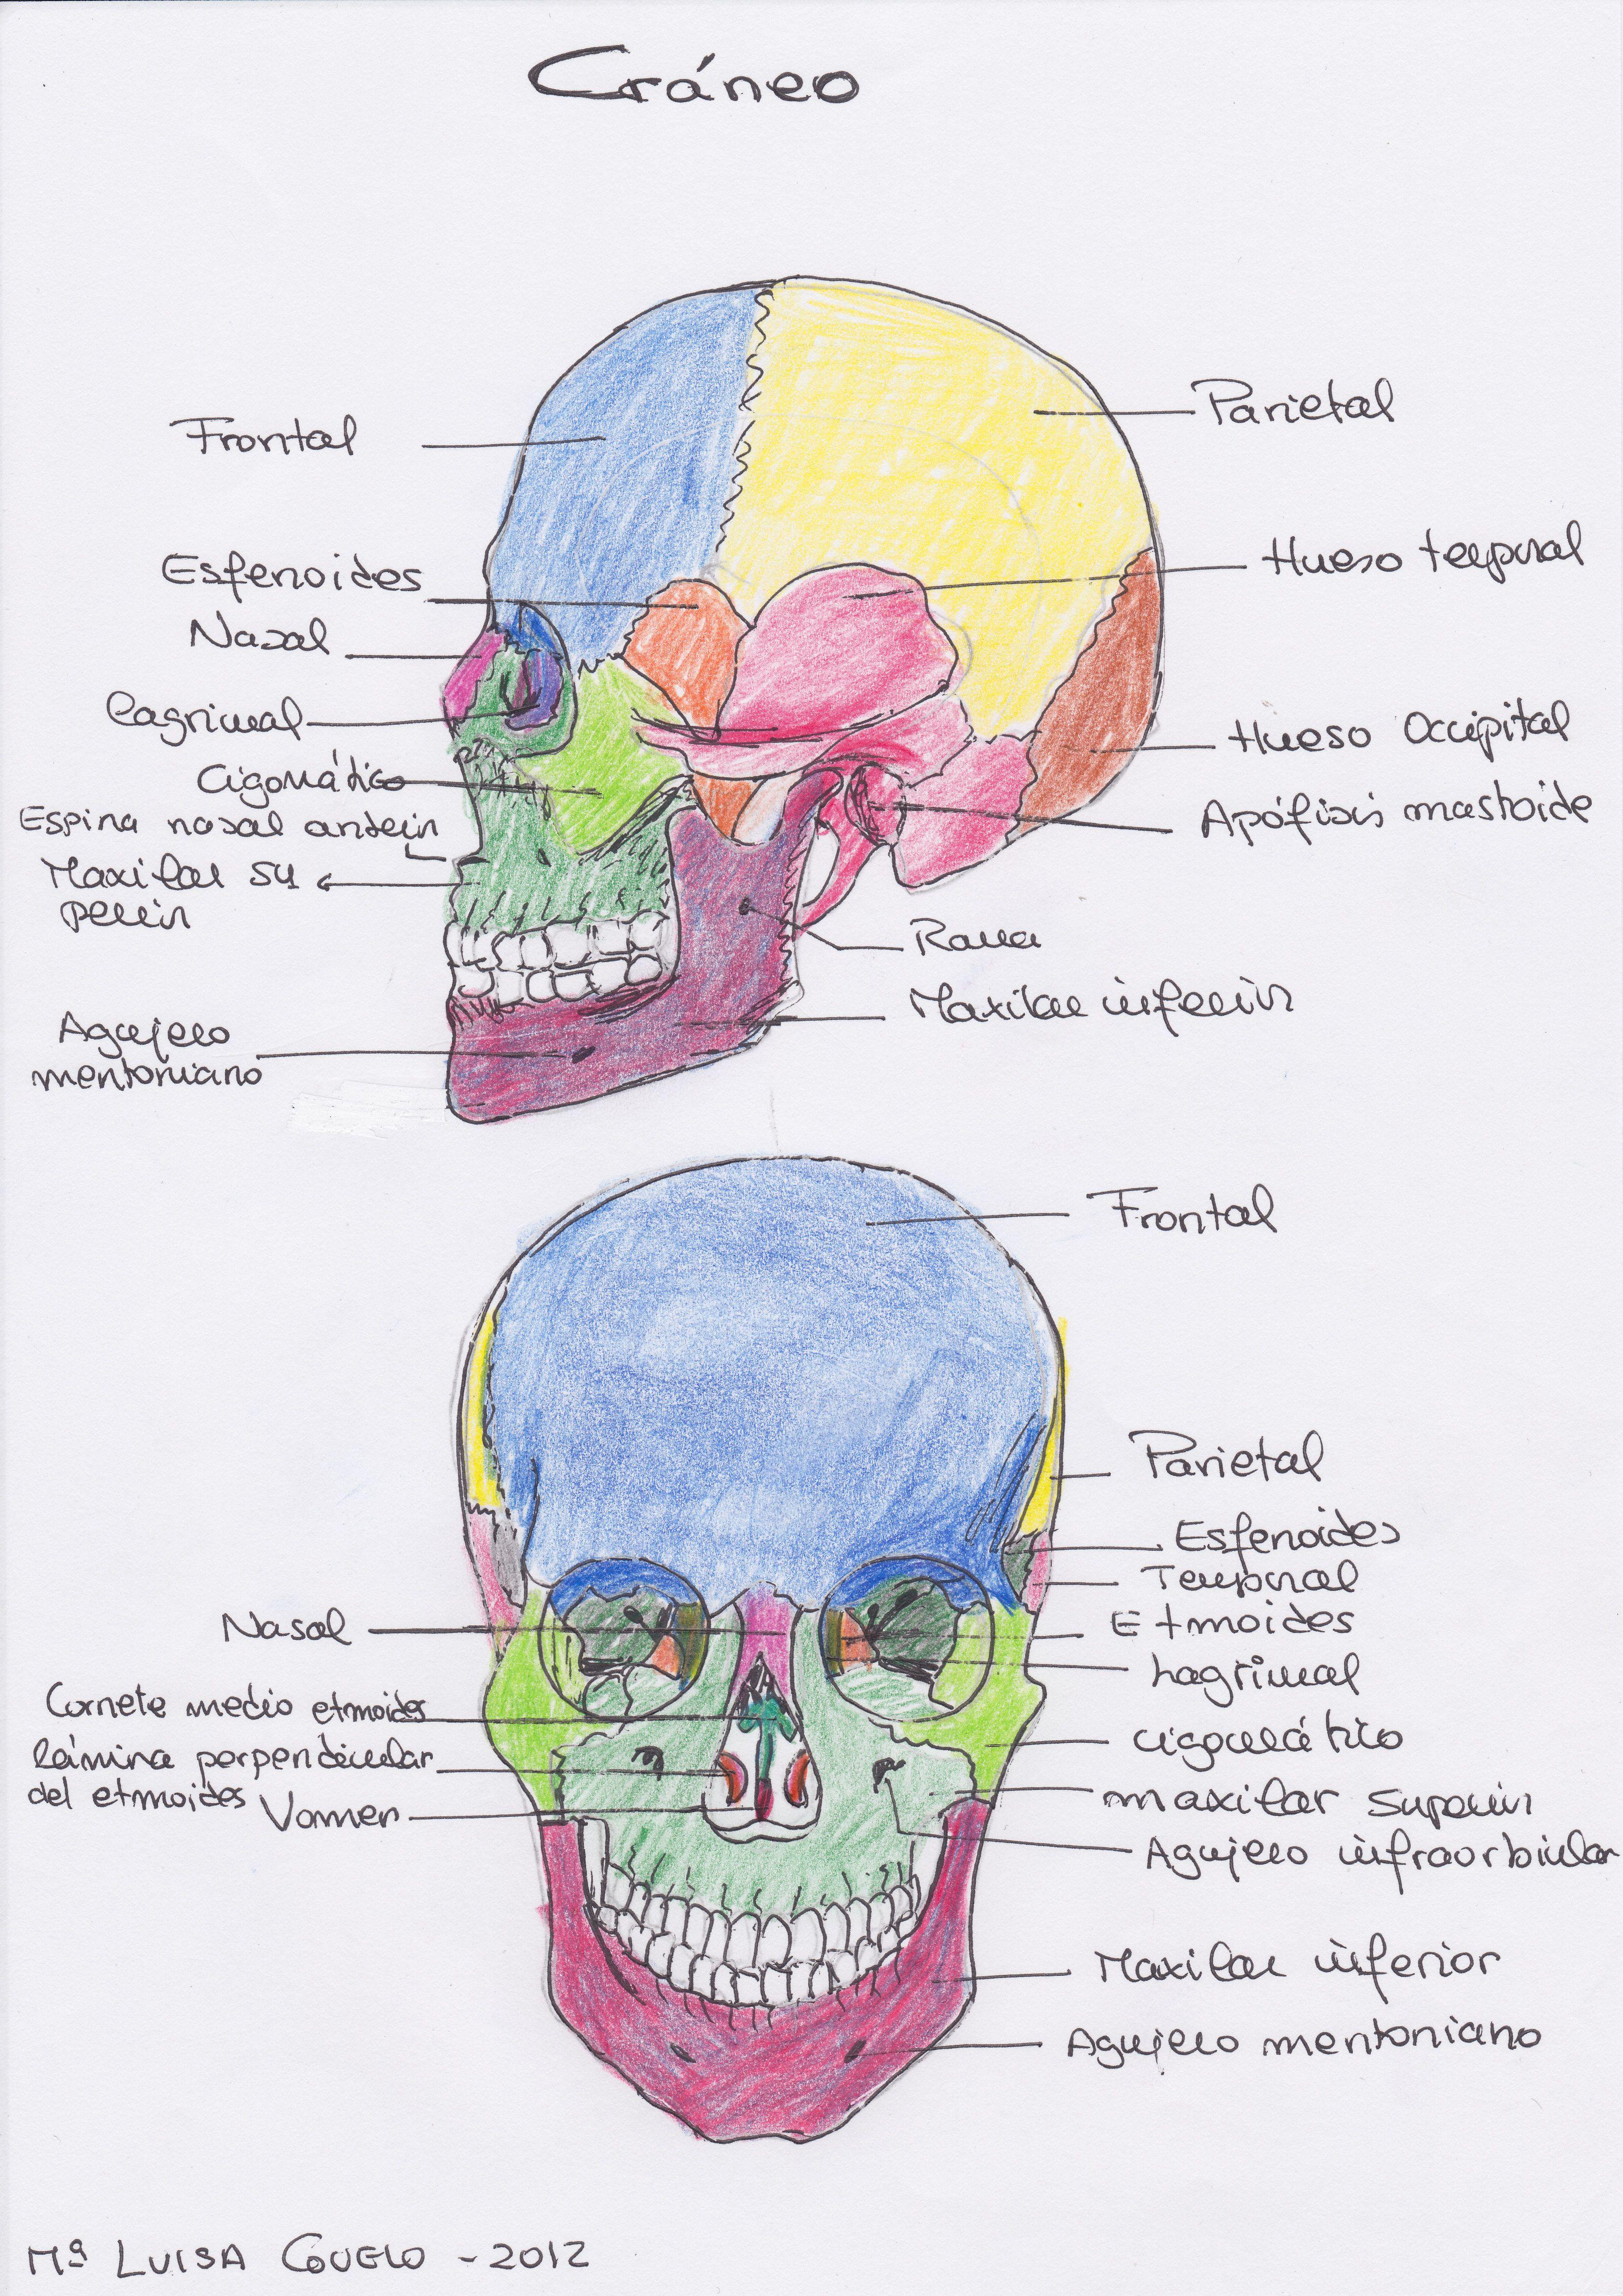 Craneo | Arterapia | Pinterest | Anatomía, Fisiología y Humano